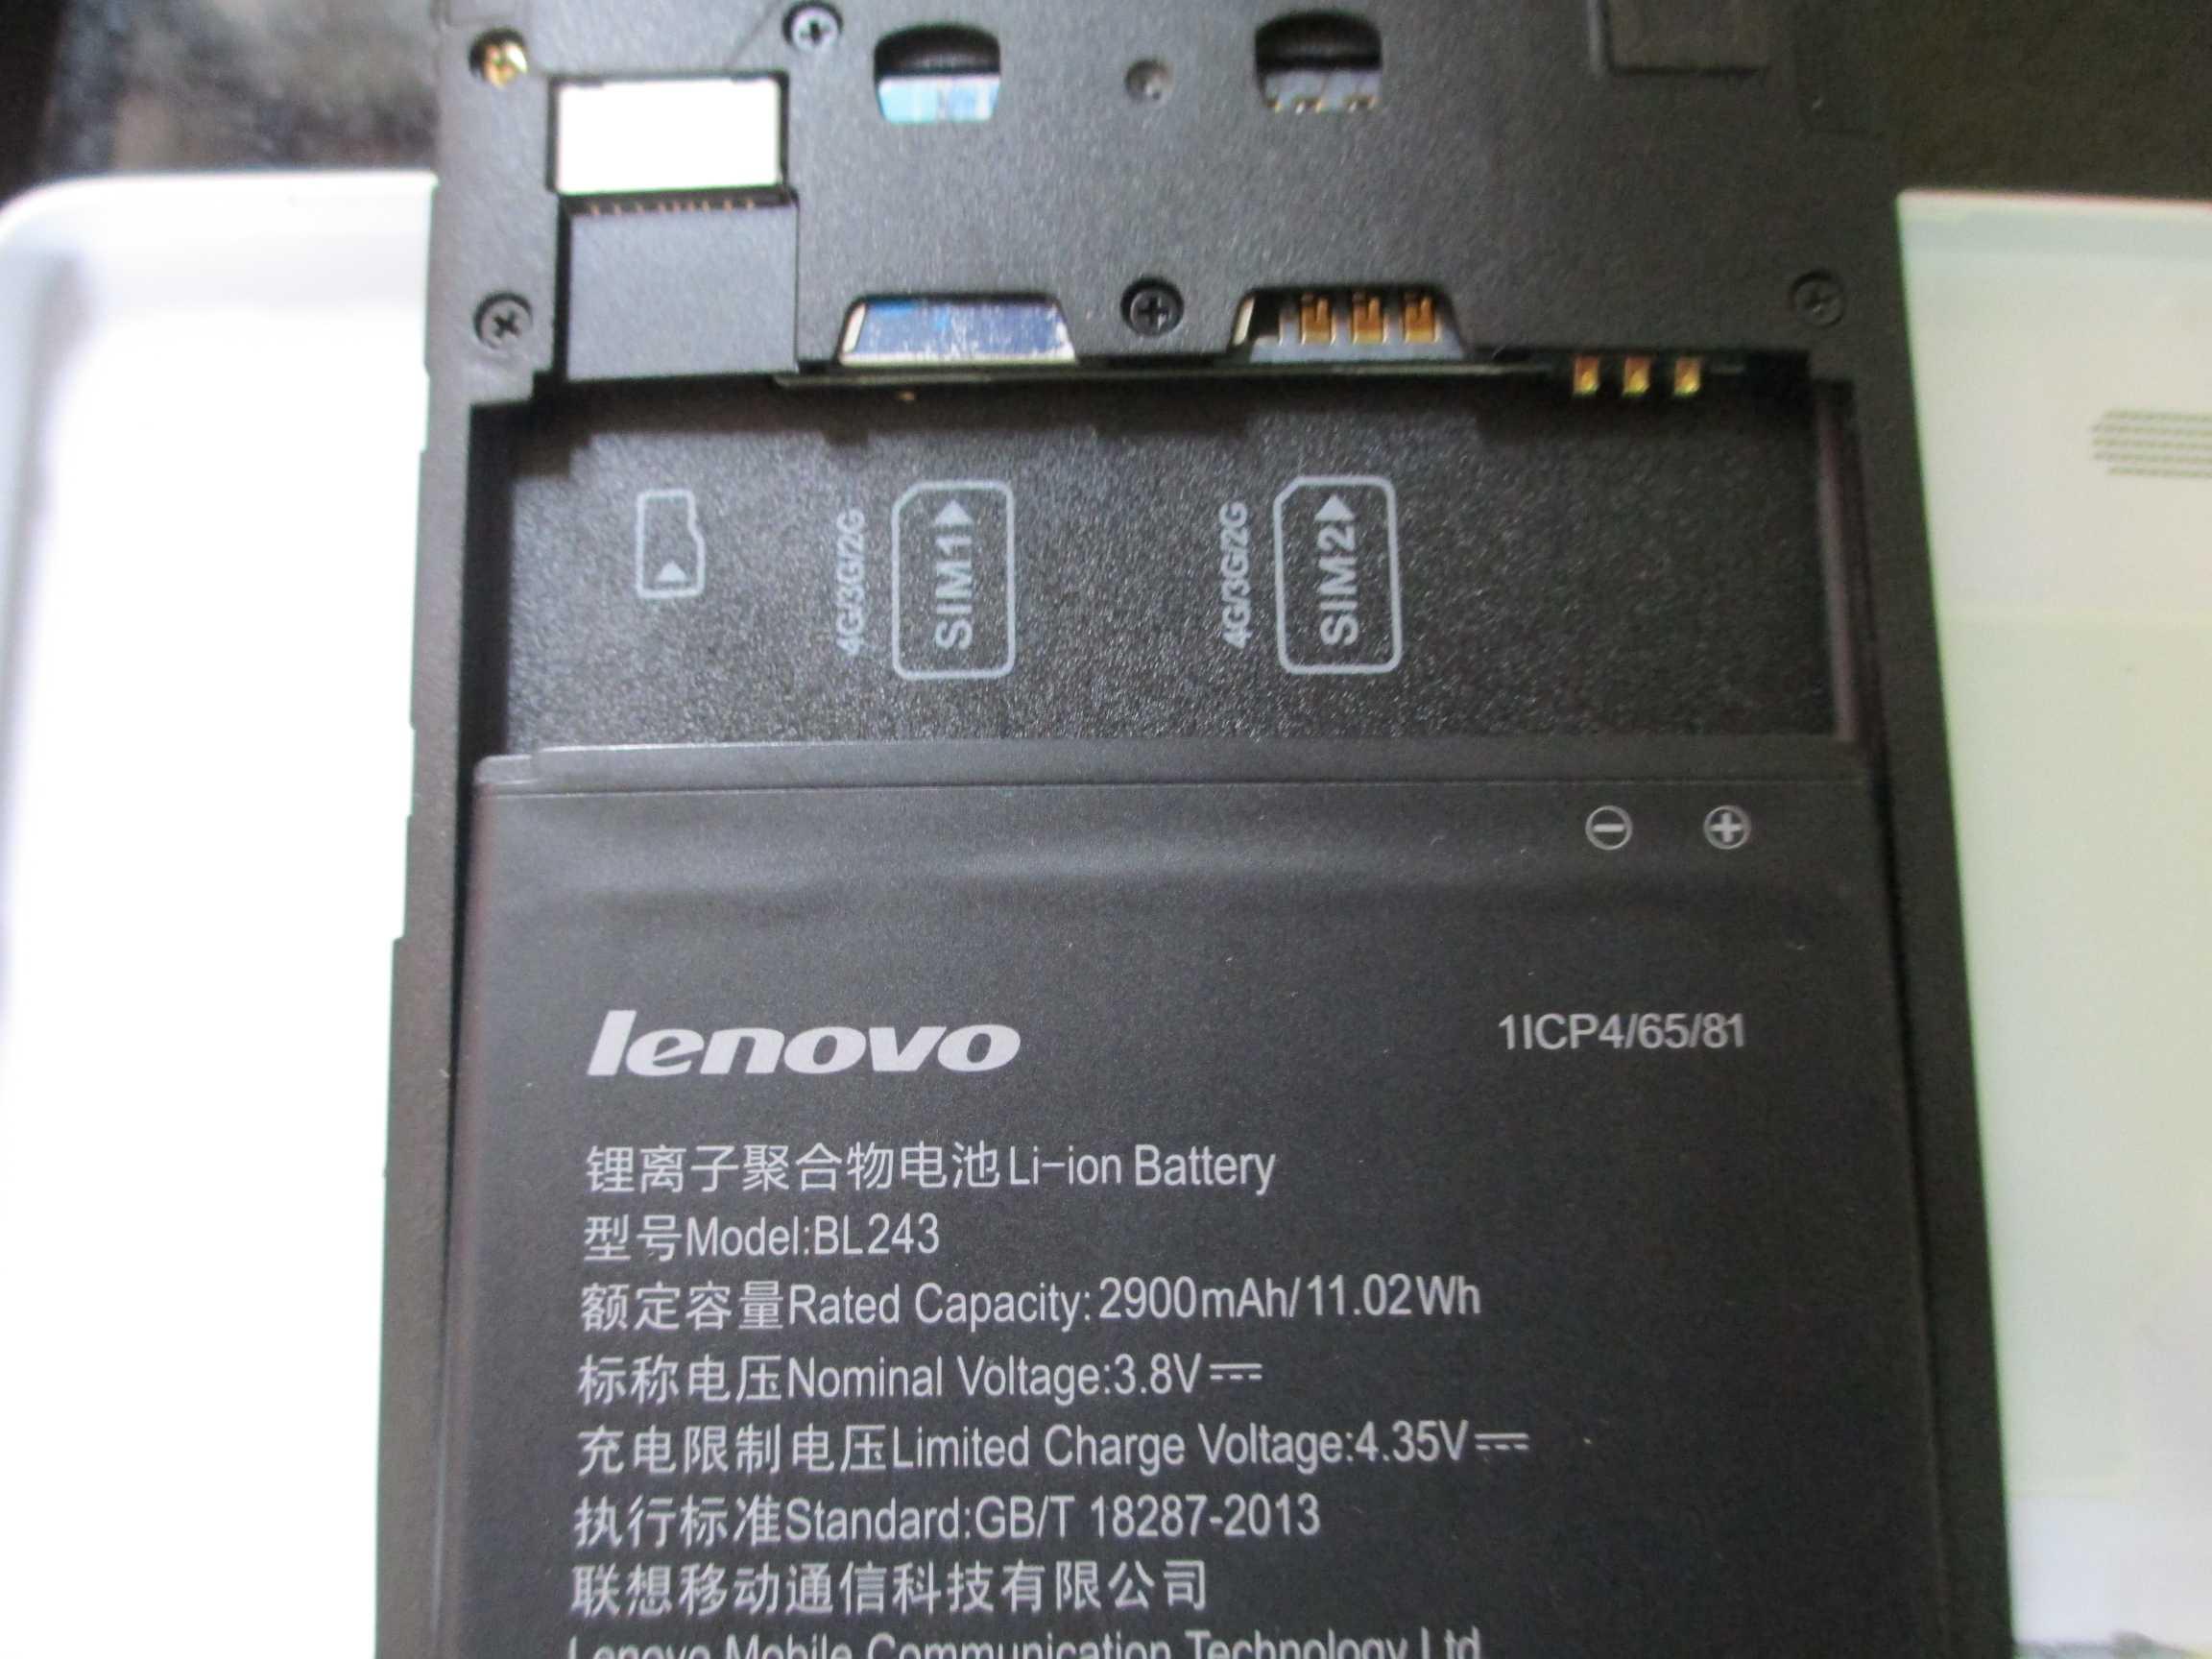 Dual Sim 4G LTE, microSD